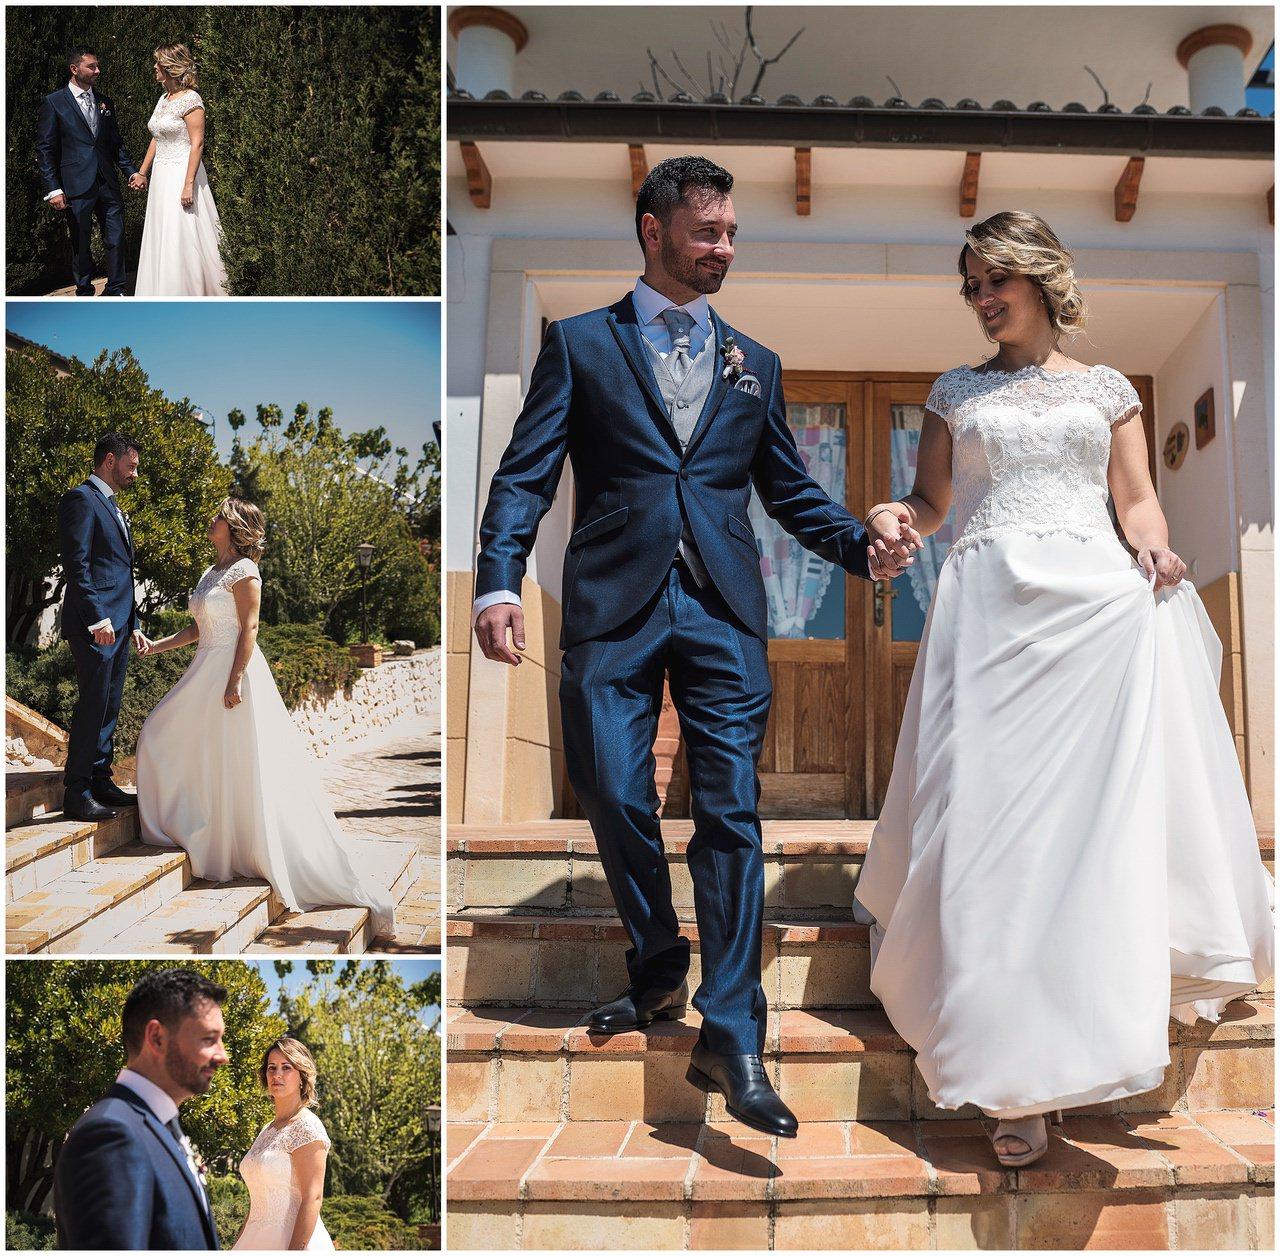 Fotógrafo de bodas en Alcoy, boda de estefy11